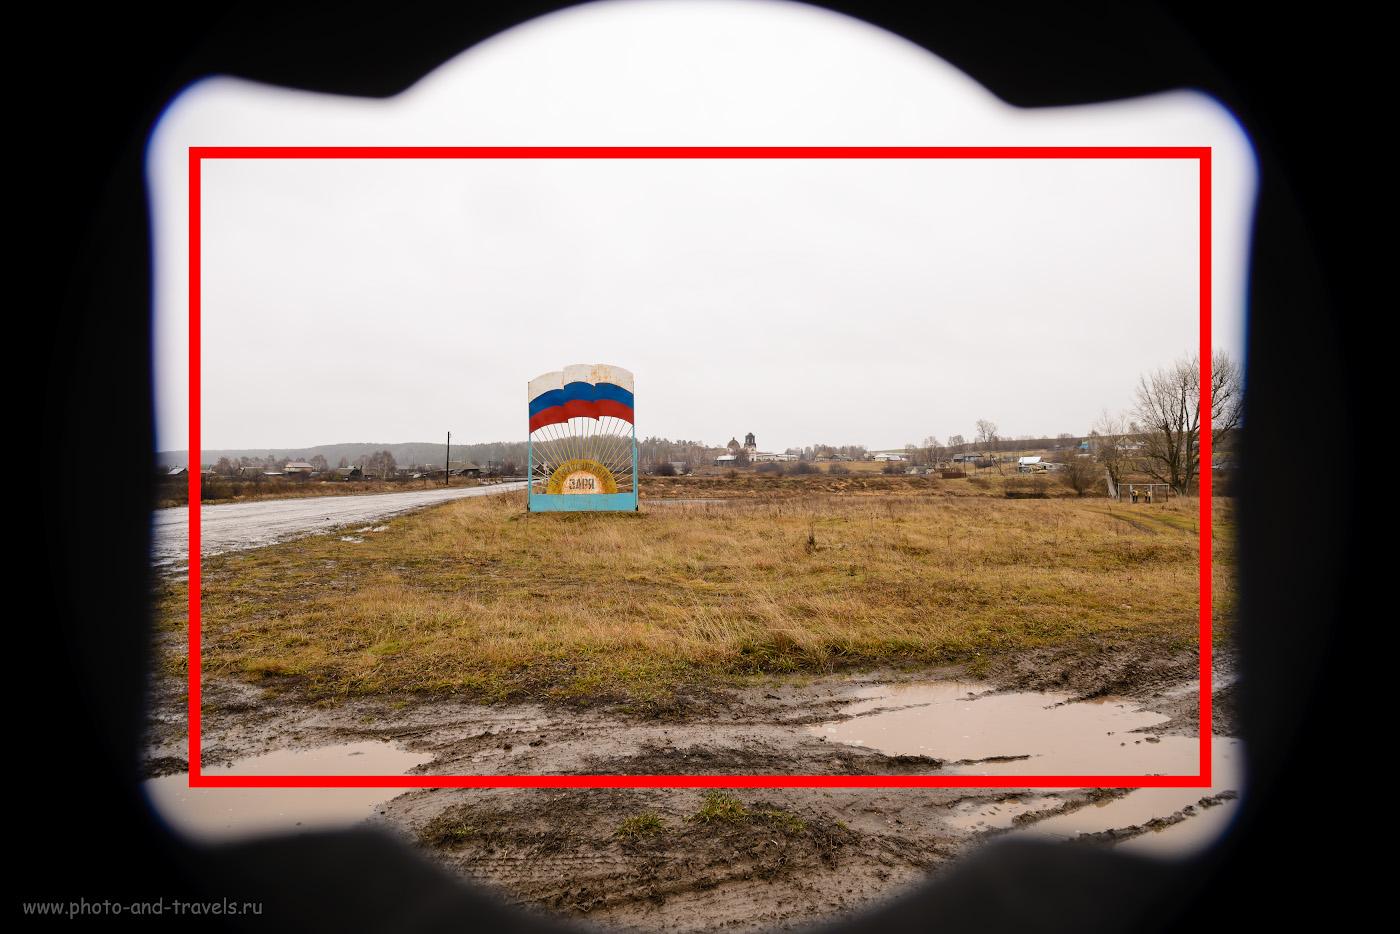 Фотография 4. Что будет видно в видоискателе зеркалки, если поставить на полный кадр КРОПнутый объектив.